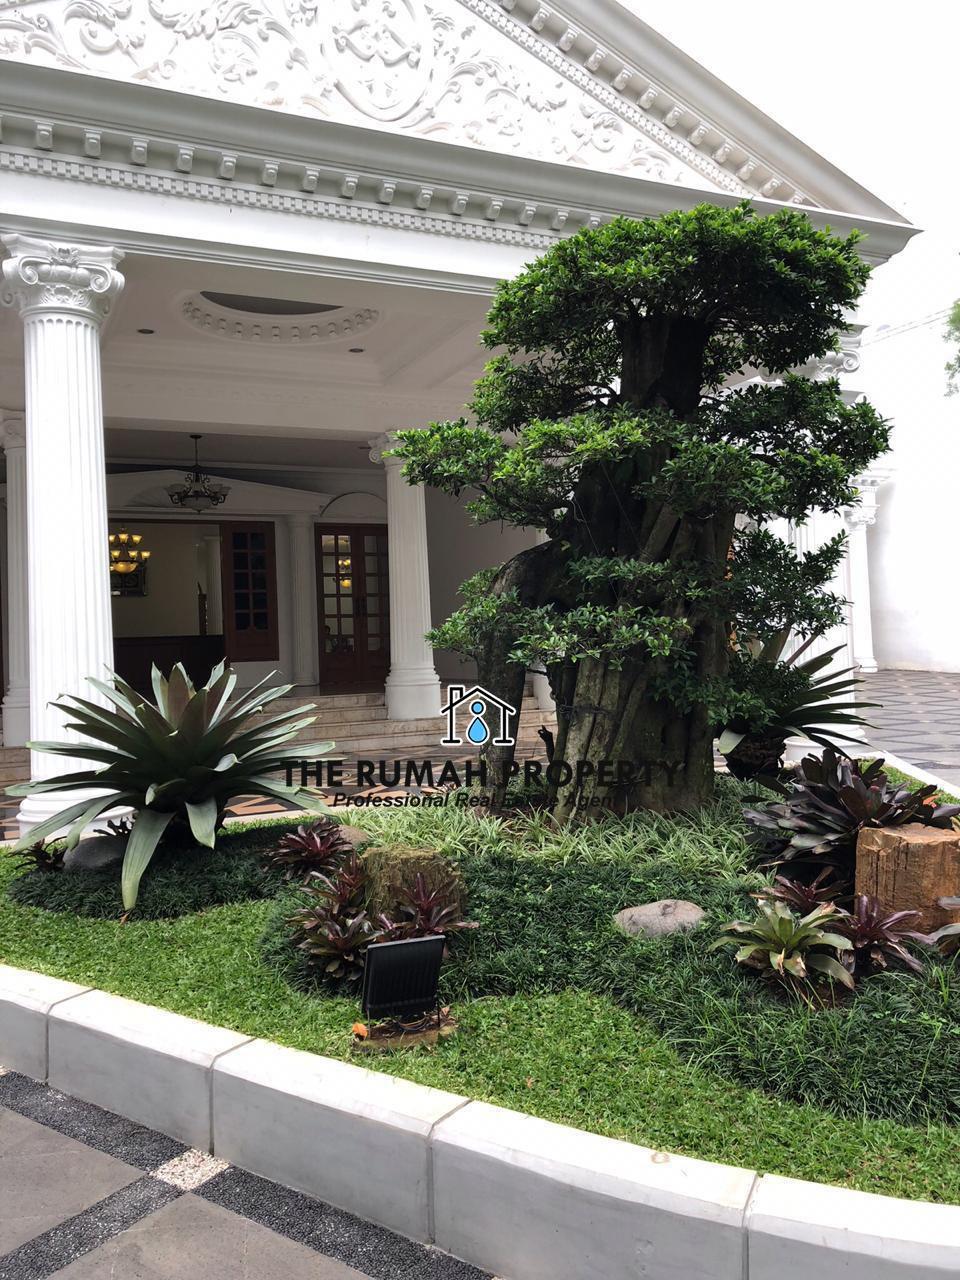 Rumah Mewah Dijual Di Jalan Metro Pondok Indah The Rumah Property